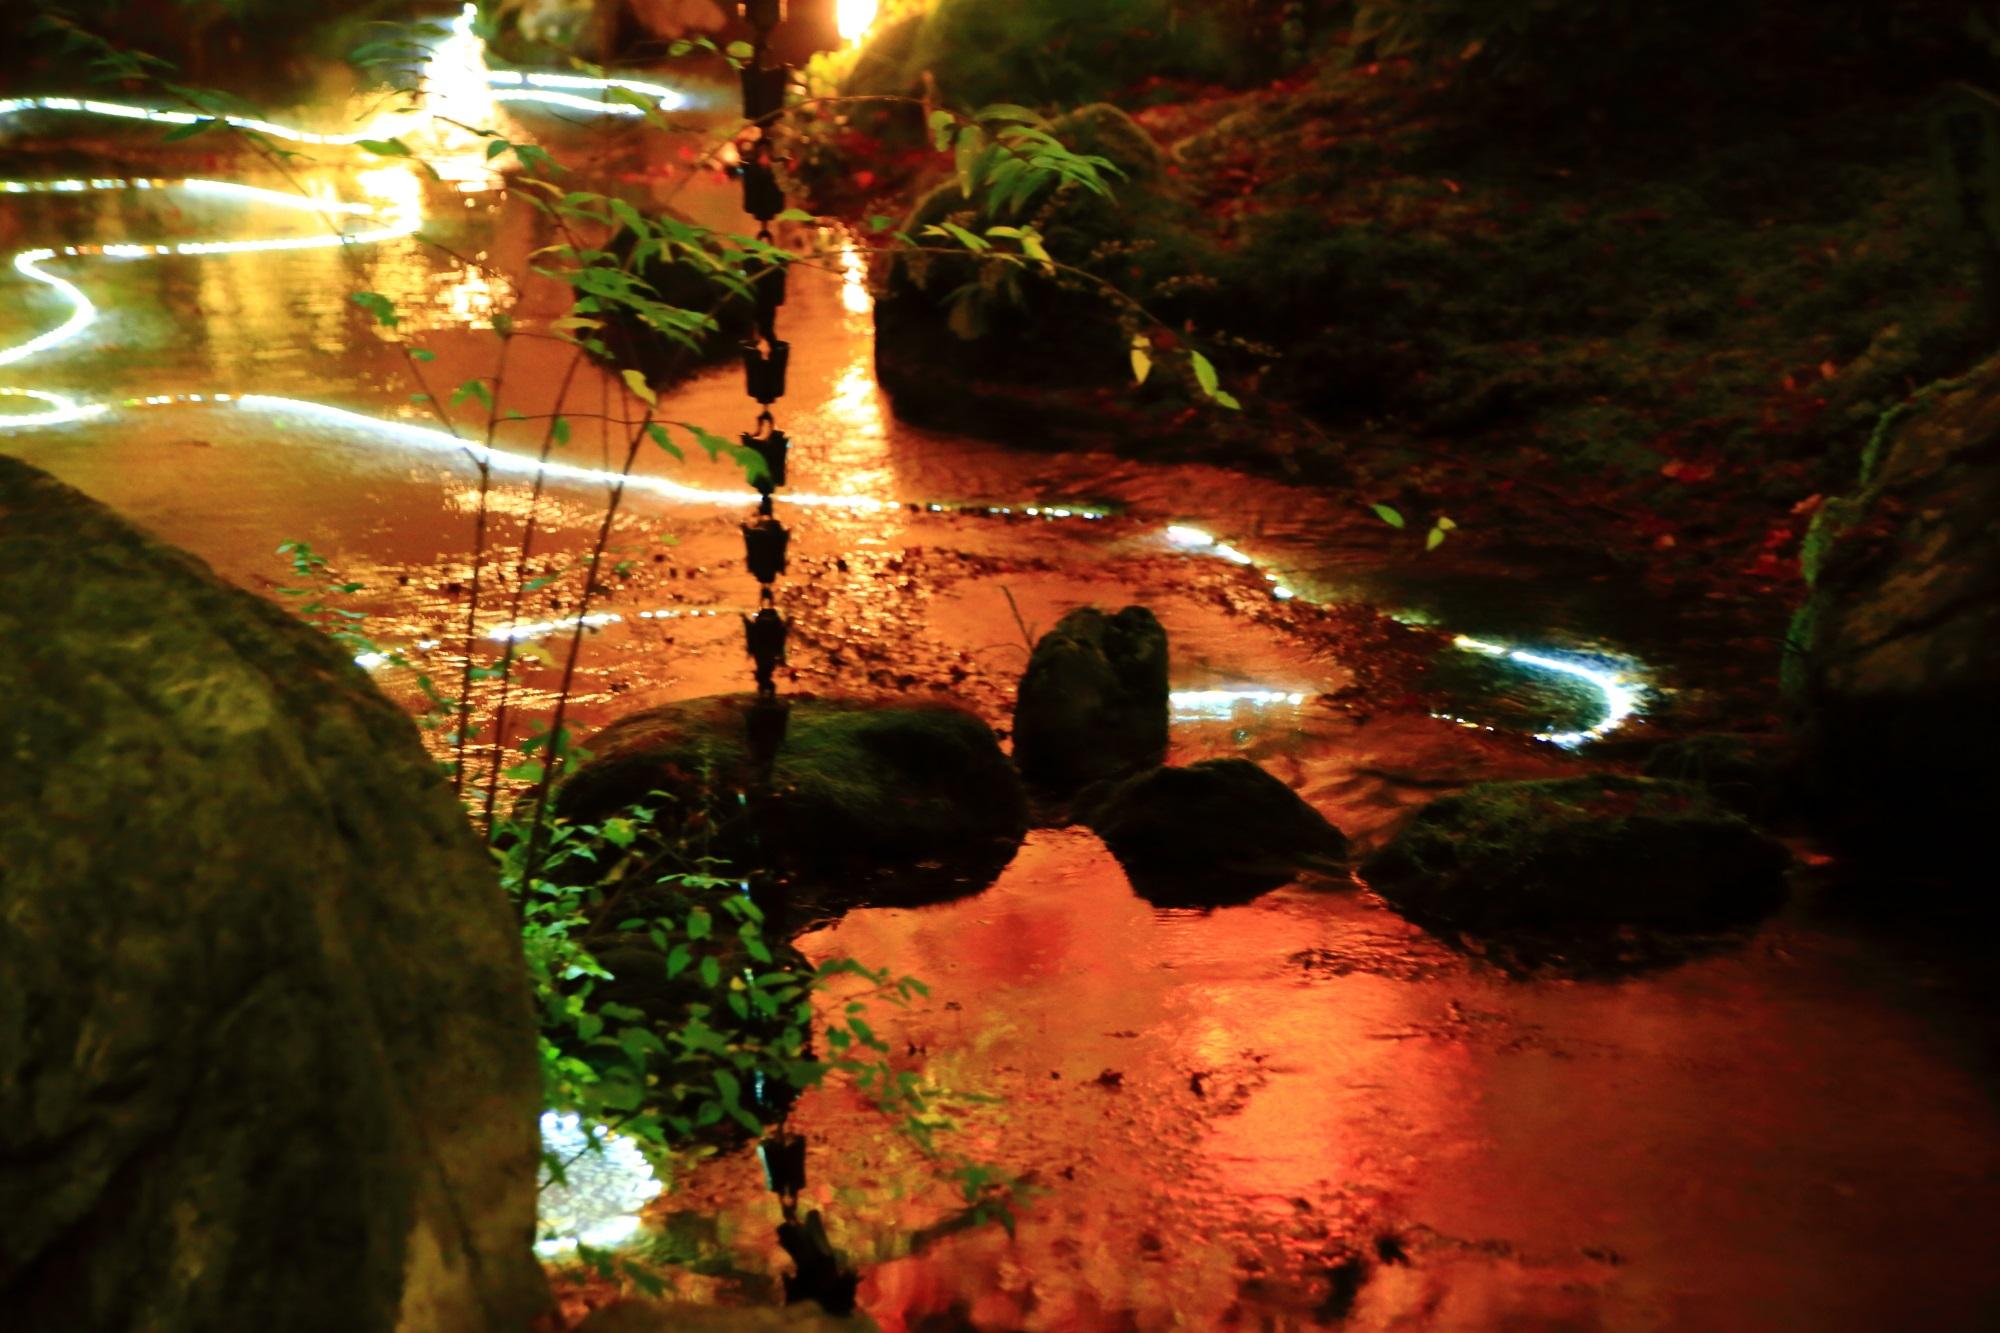 嵐山の宝厳院の獅子吼の庭の紅葉の水鏡と光の演出